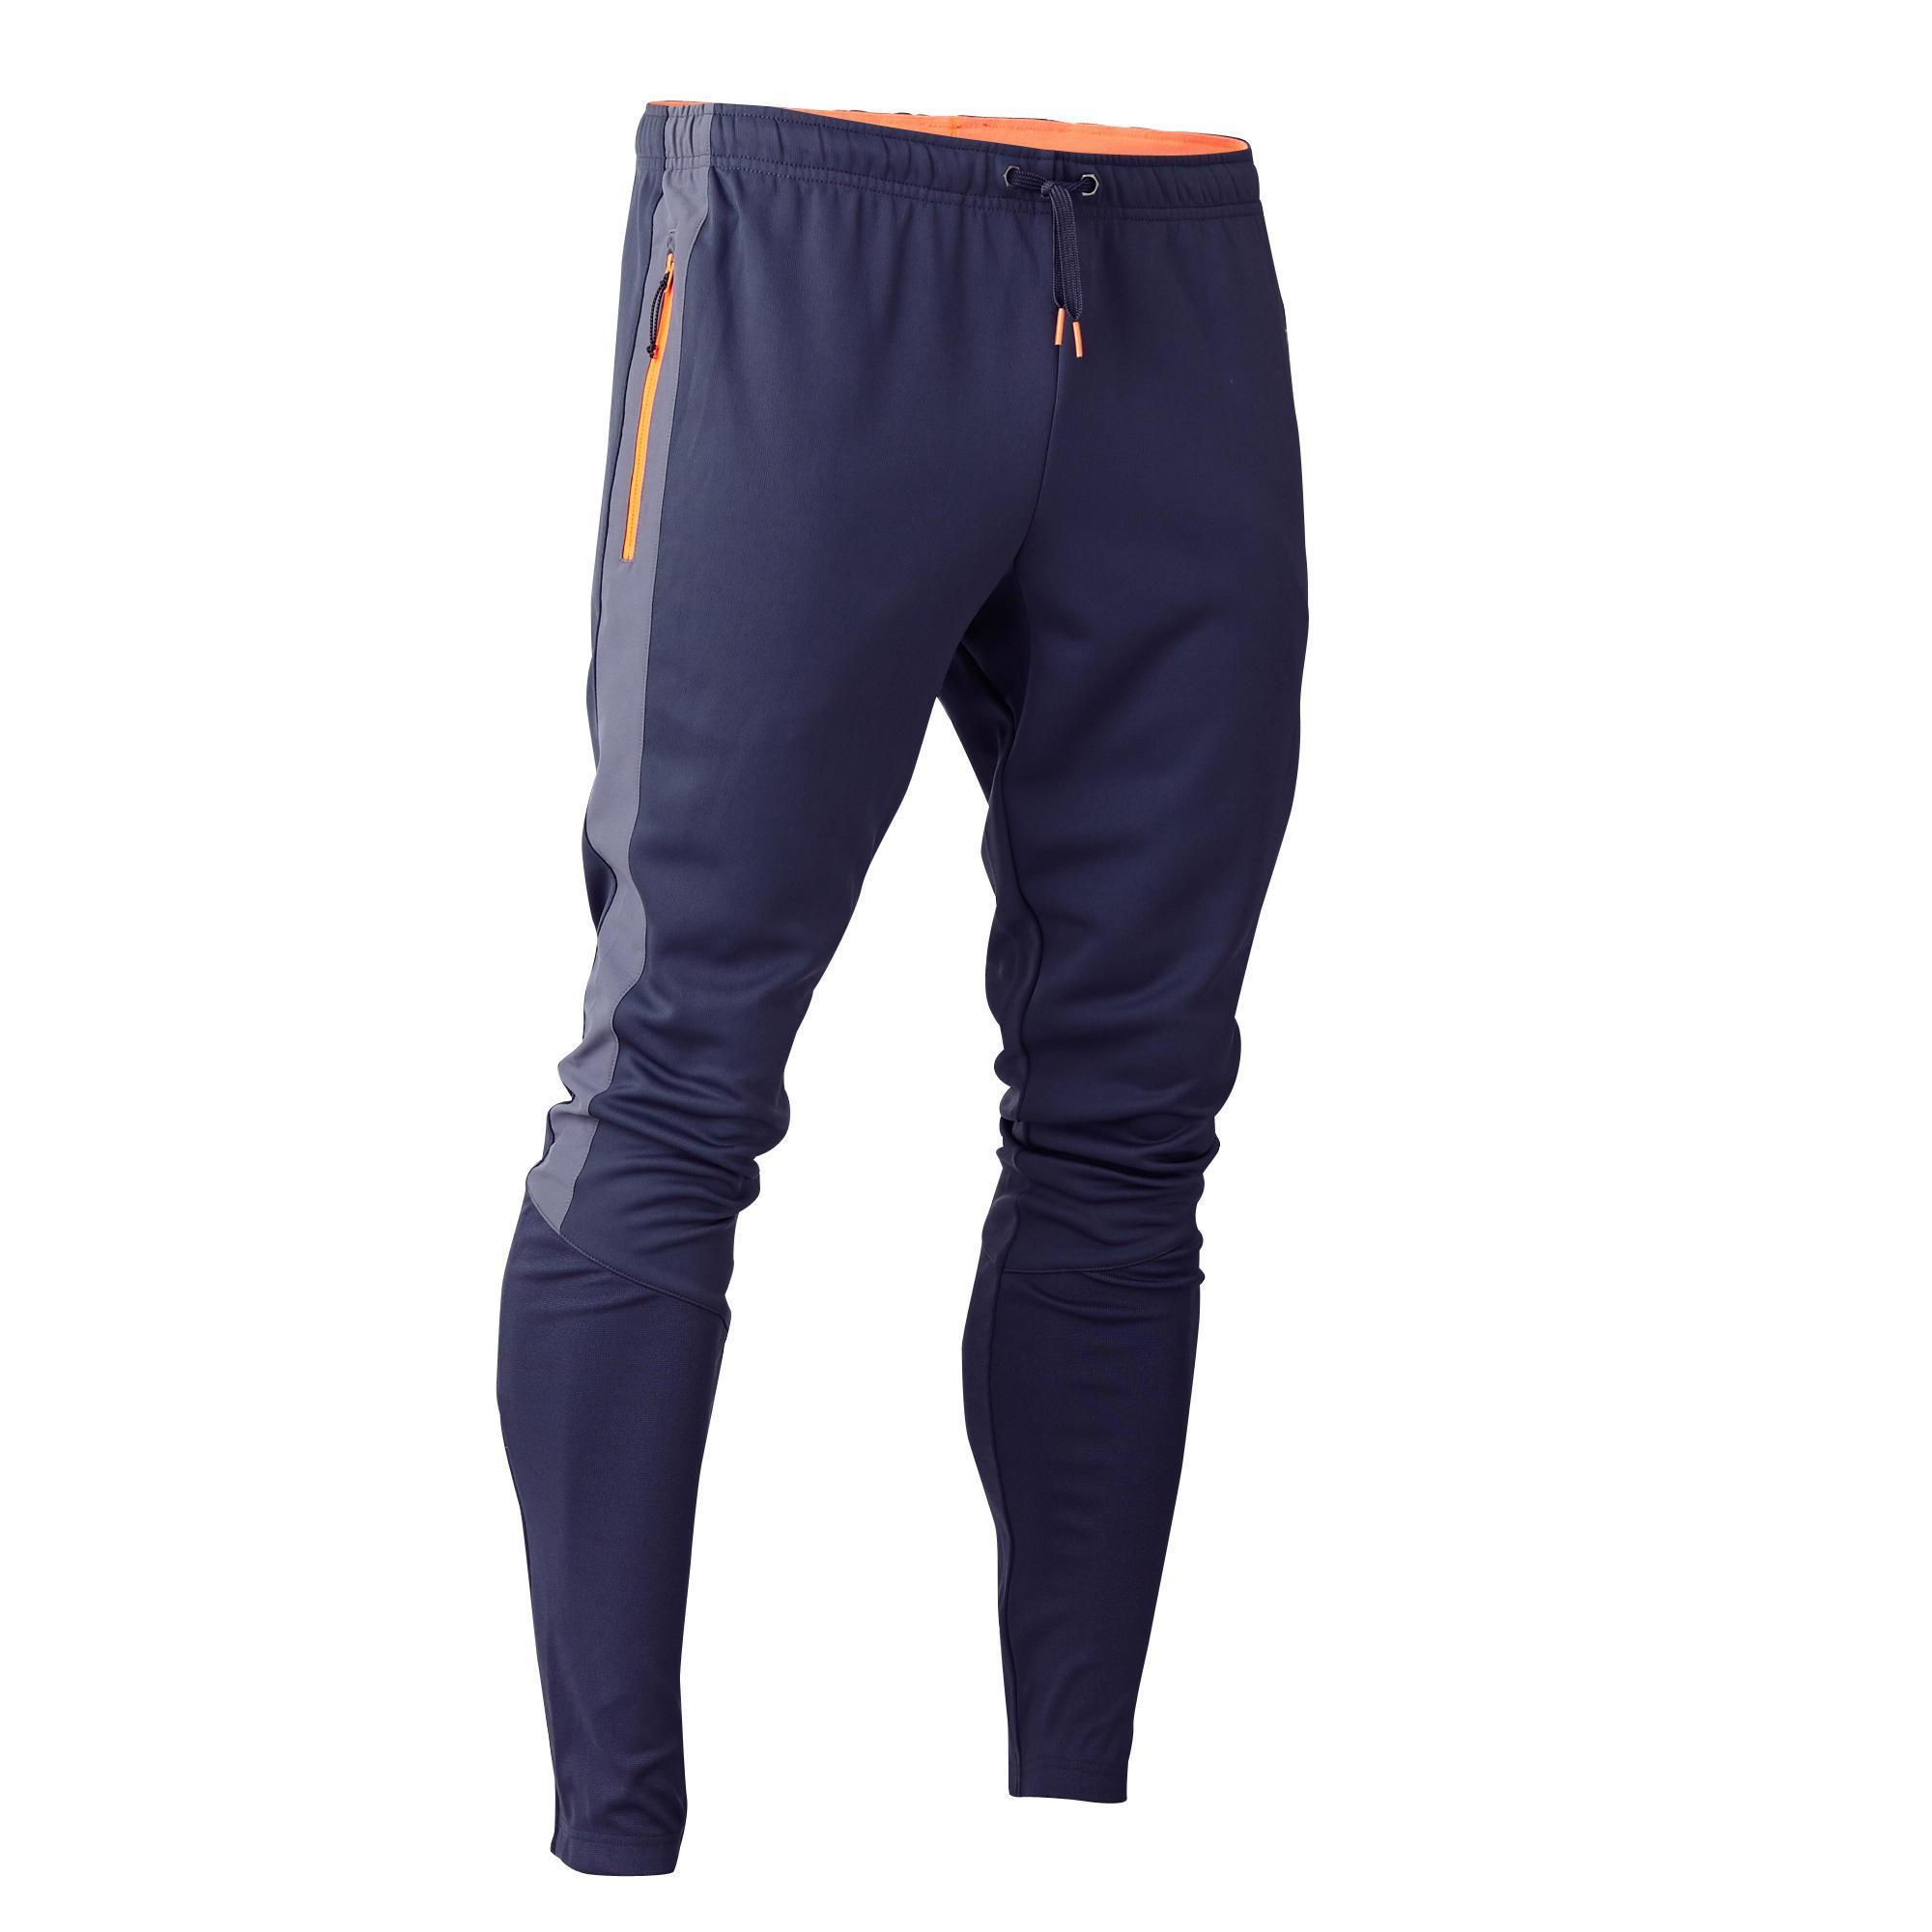 8be7be7c67cc31 Kipsta Voetbal trainingsbroek T500 voor volwassenen grijs/oranje kopen met  voordeel